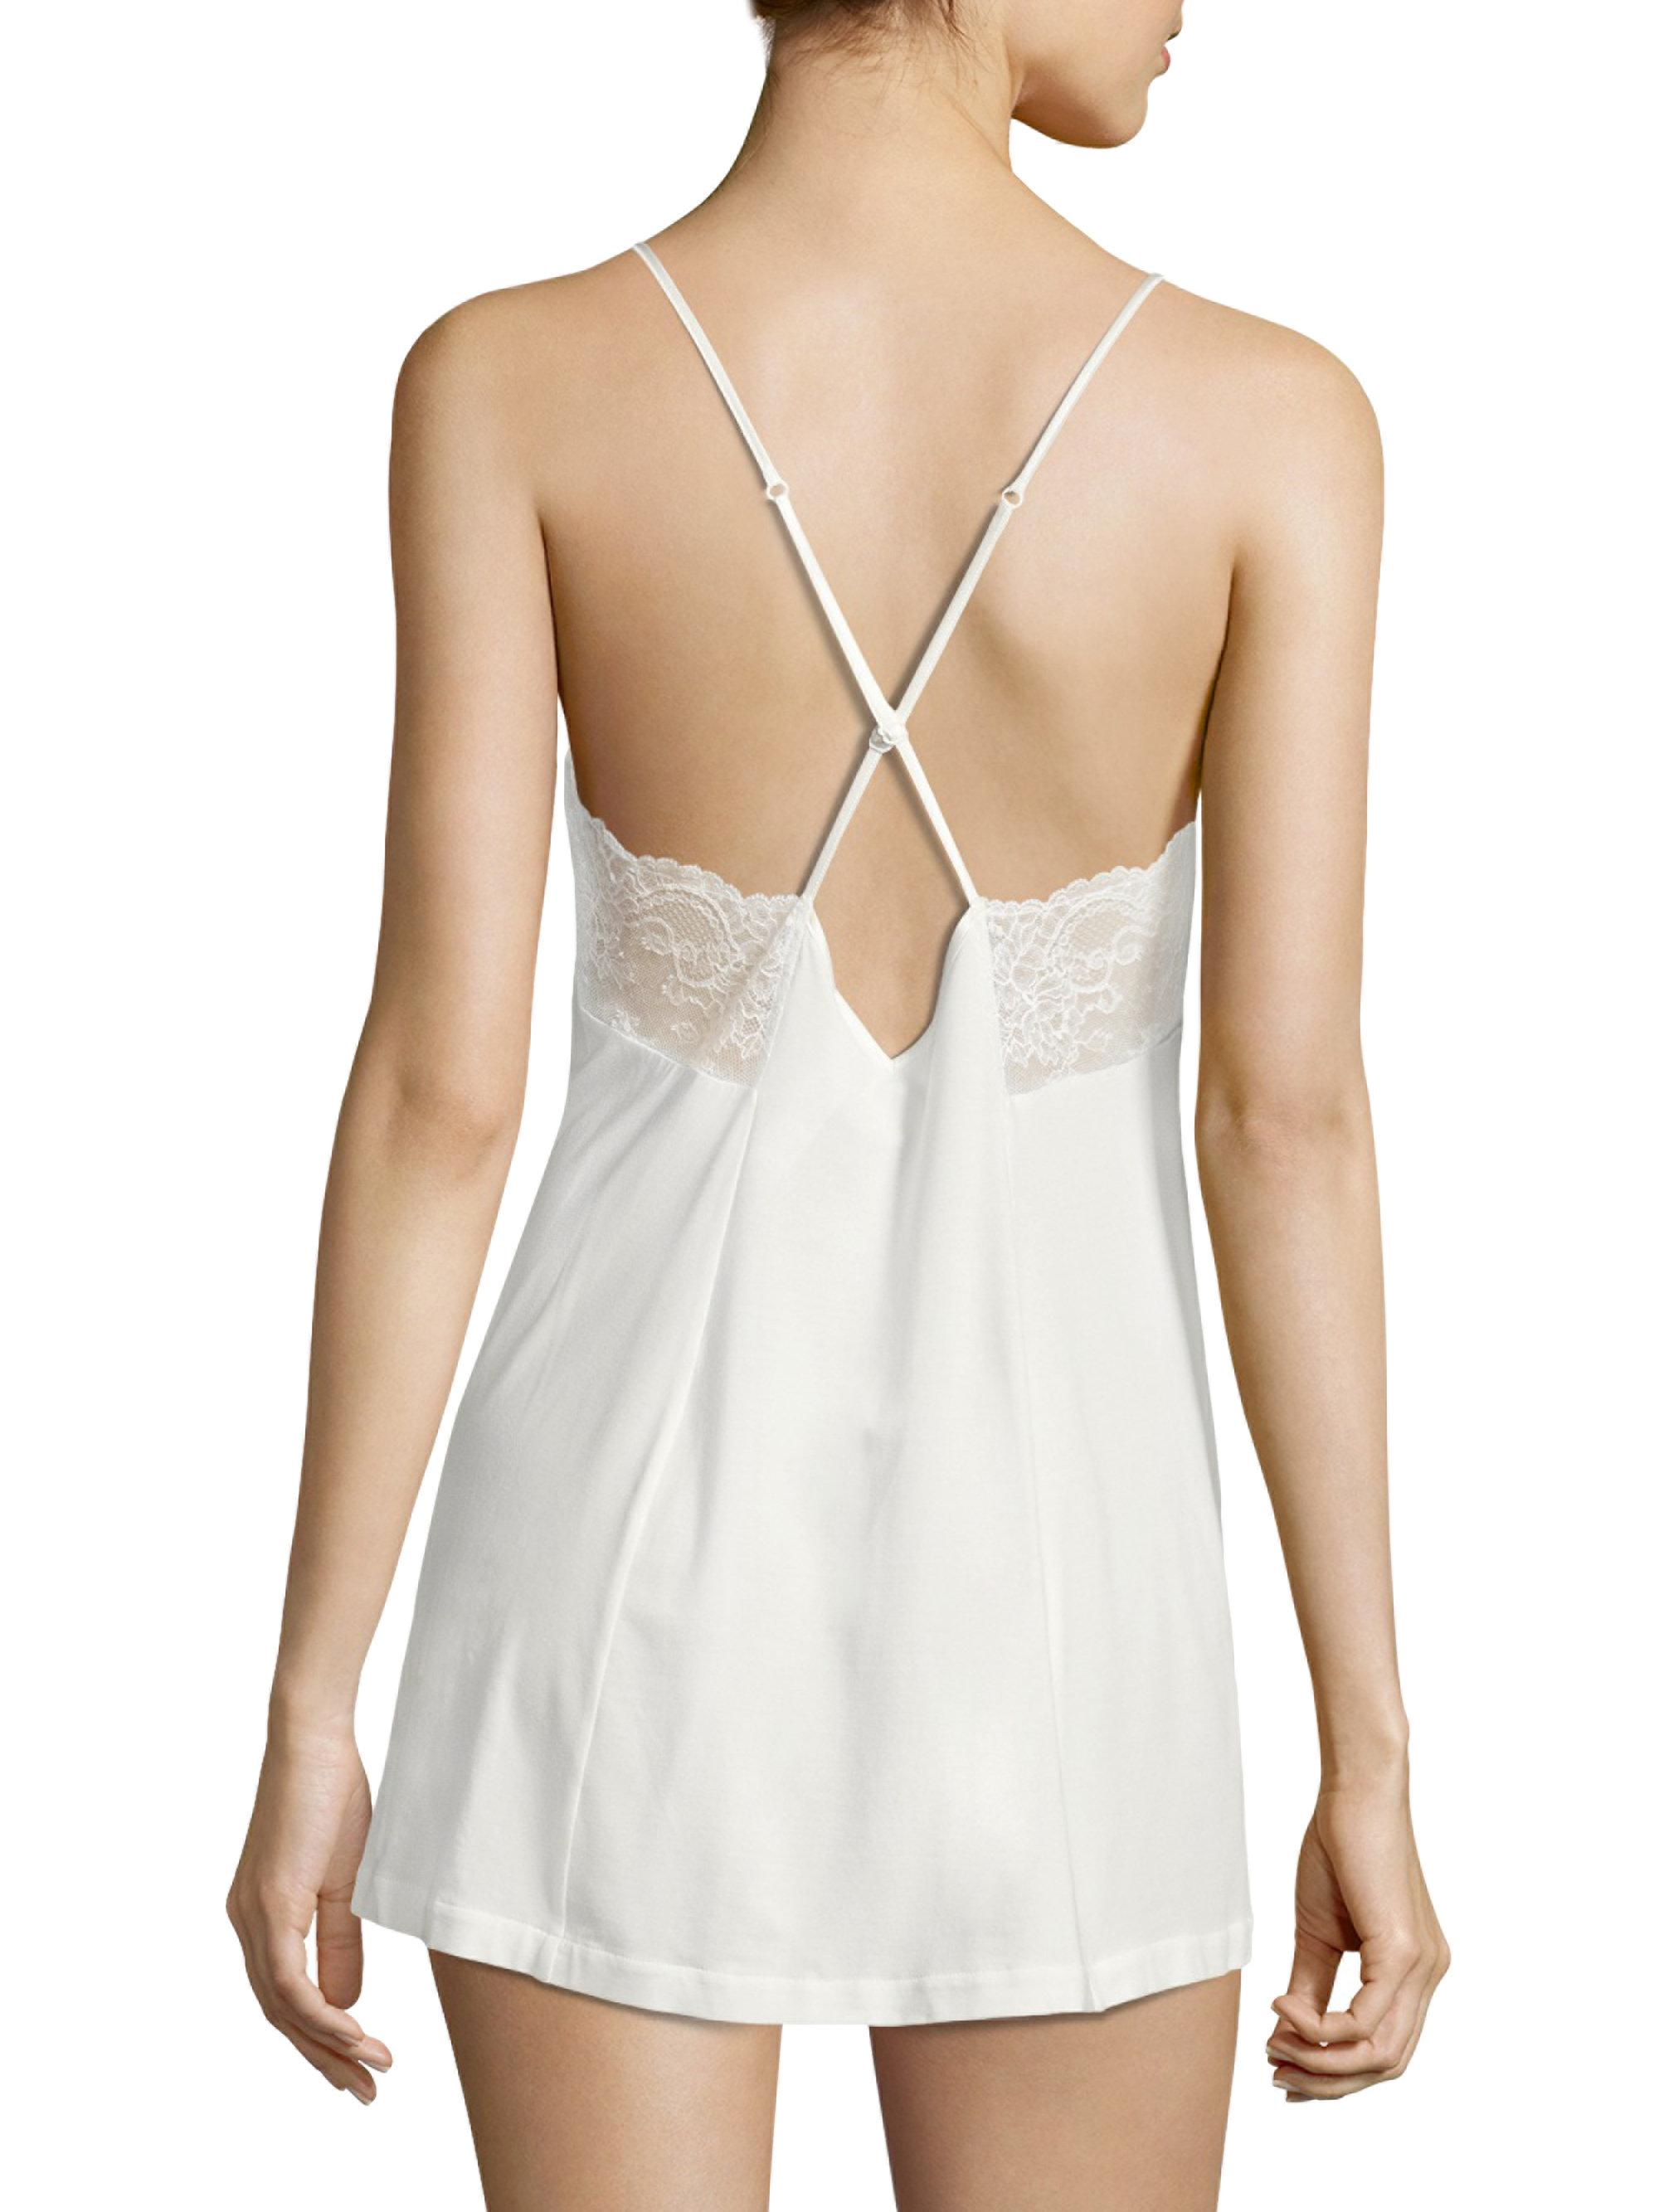 4311935958f Lyst - La Perla Romance Lace-accented Satin Babydoll in White